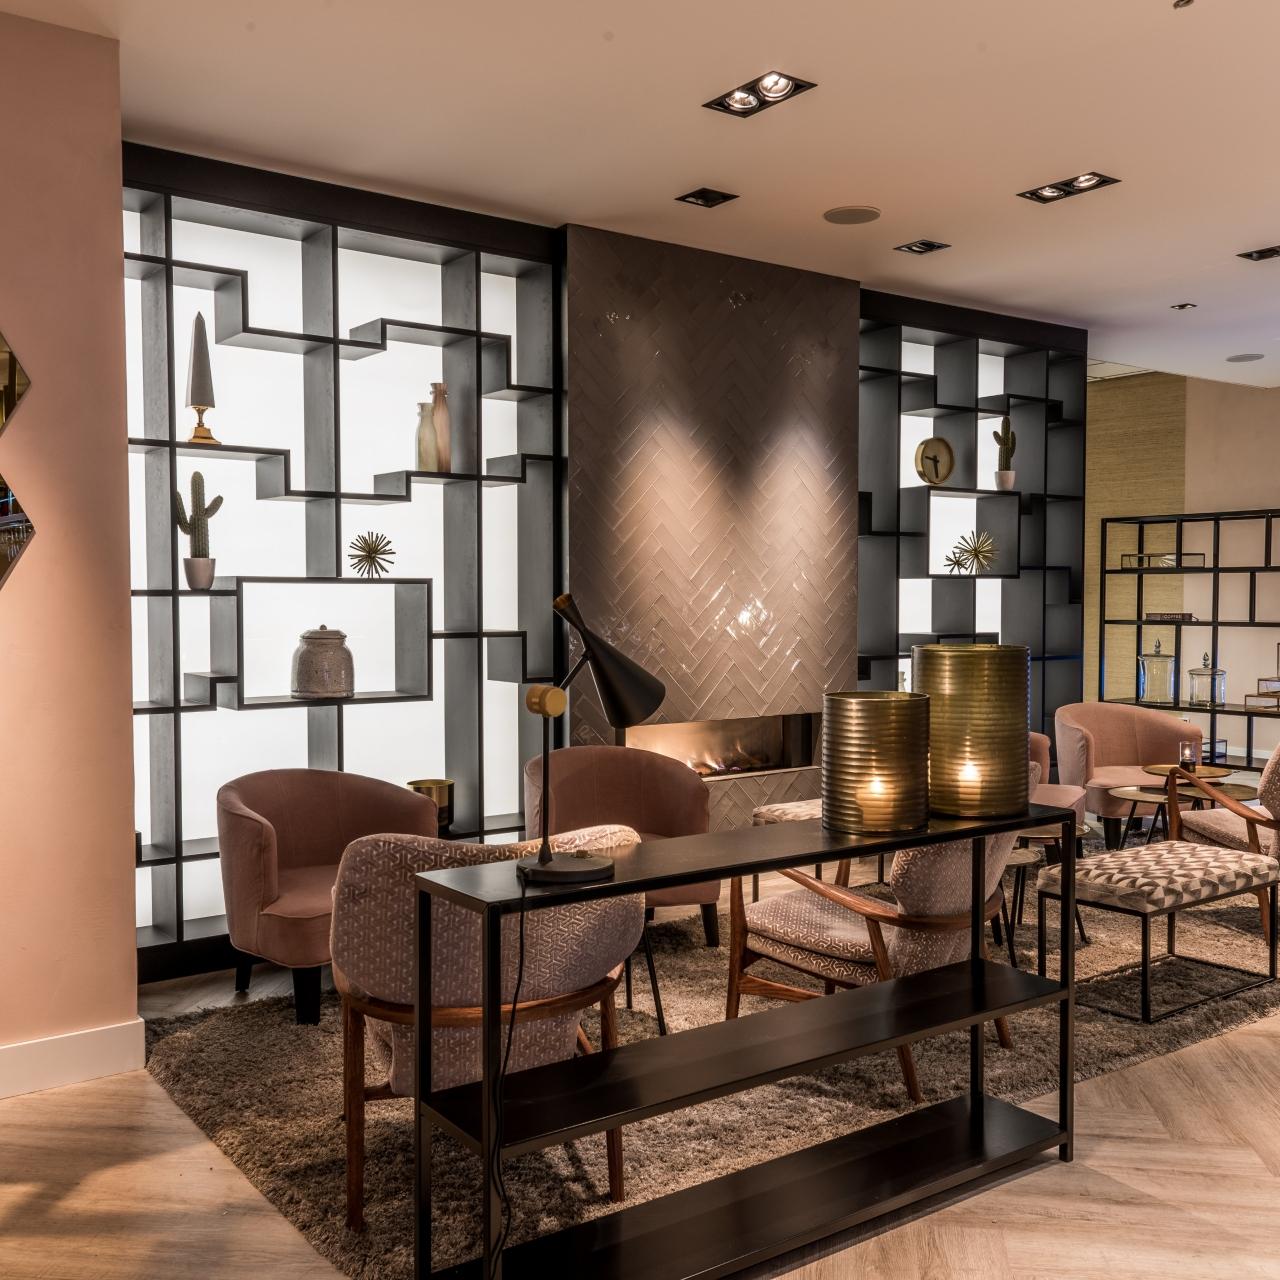 Eindhoven, Niederlande: 3* Design-Hotel Sandton Eindhoven Centre - Doppelzimmer inkl. Extras- gratis Storno - August bis Dezember